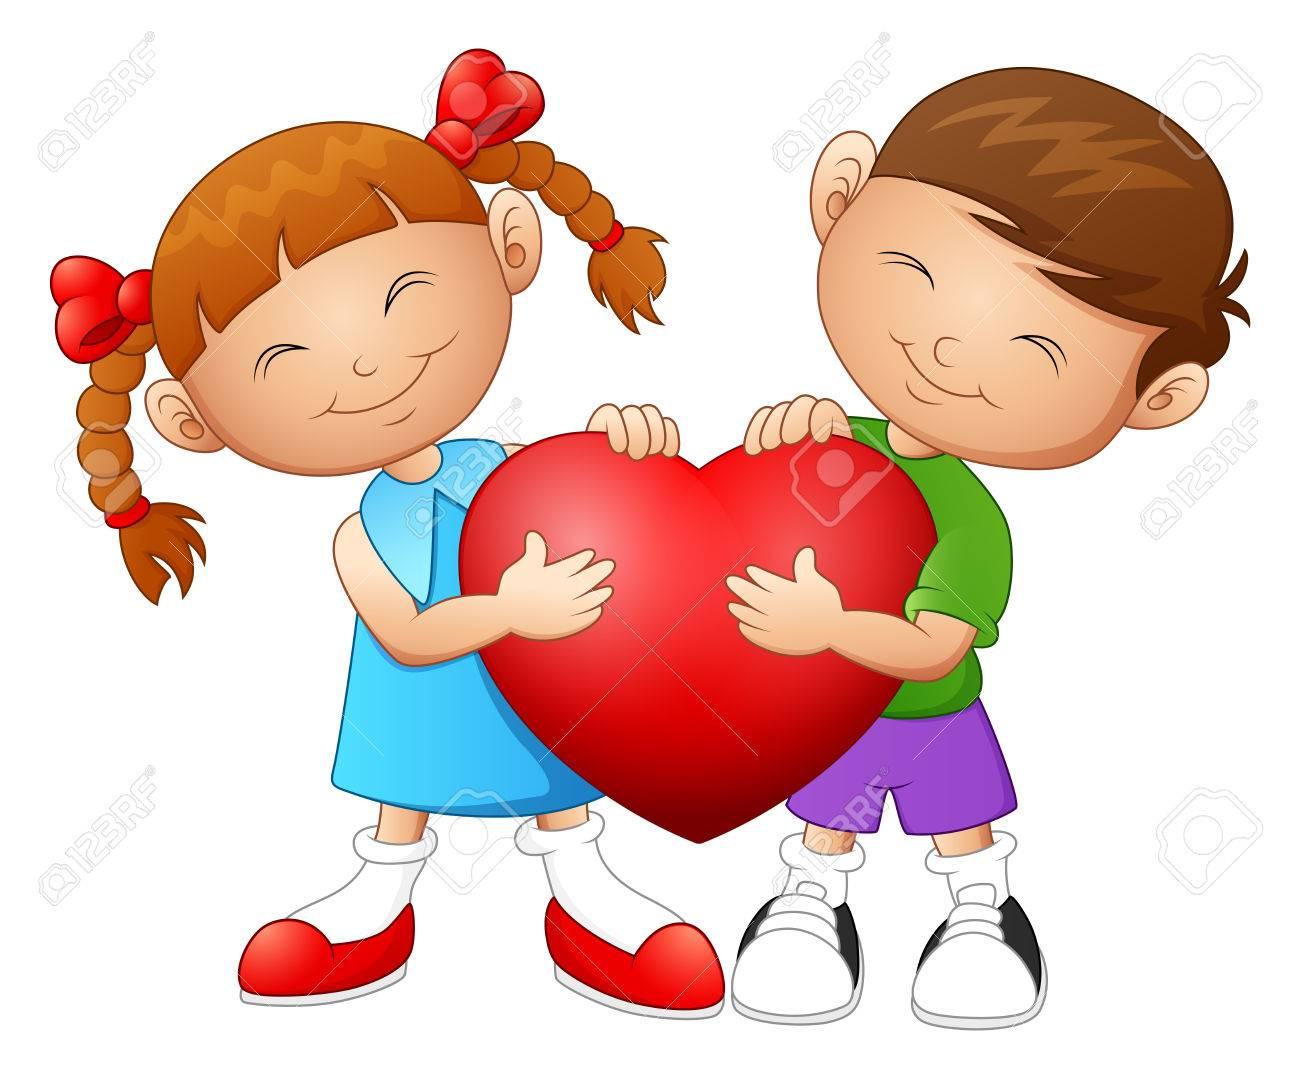 Imagenes de amor de parejas en dibujos animados - Fotos de ...